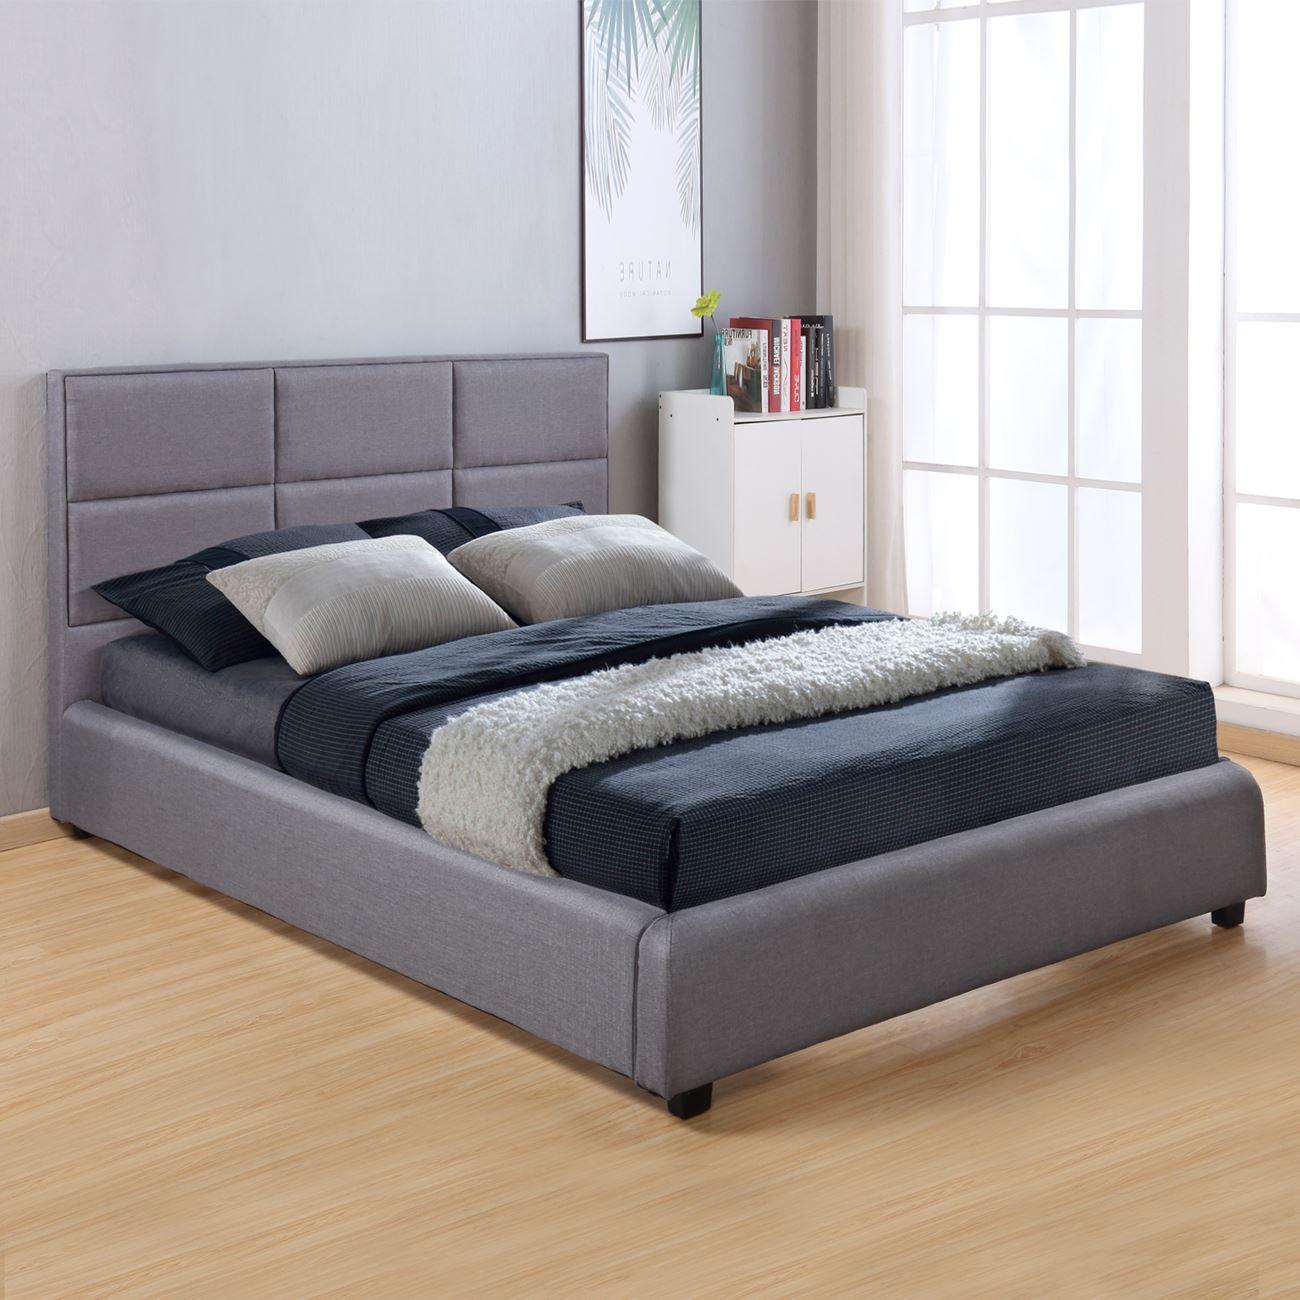 bfce25349f48 Κρεβάτι Υφασμάτινο Σκούρο Γκρι 150X200 - STAY AT HOME